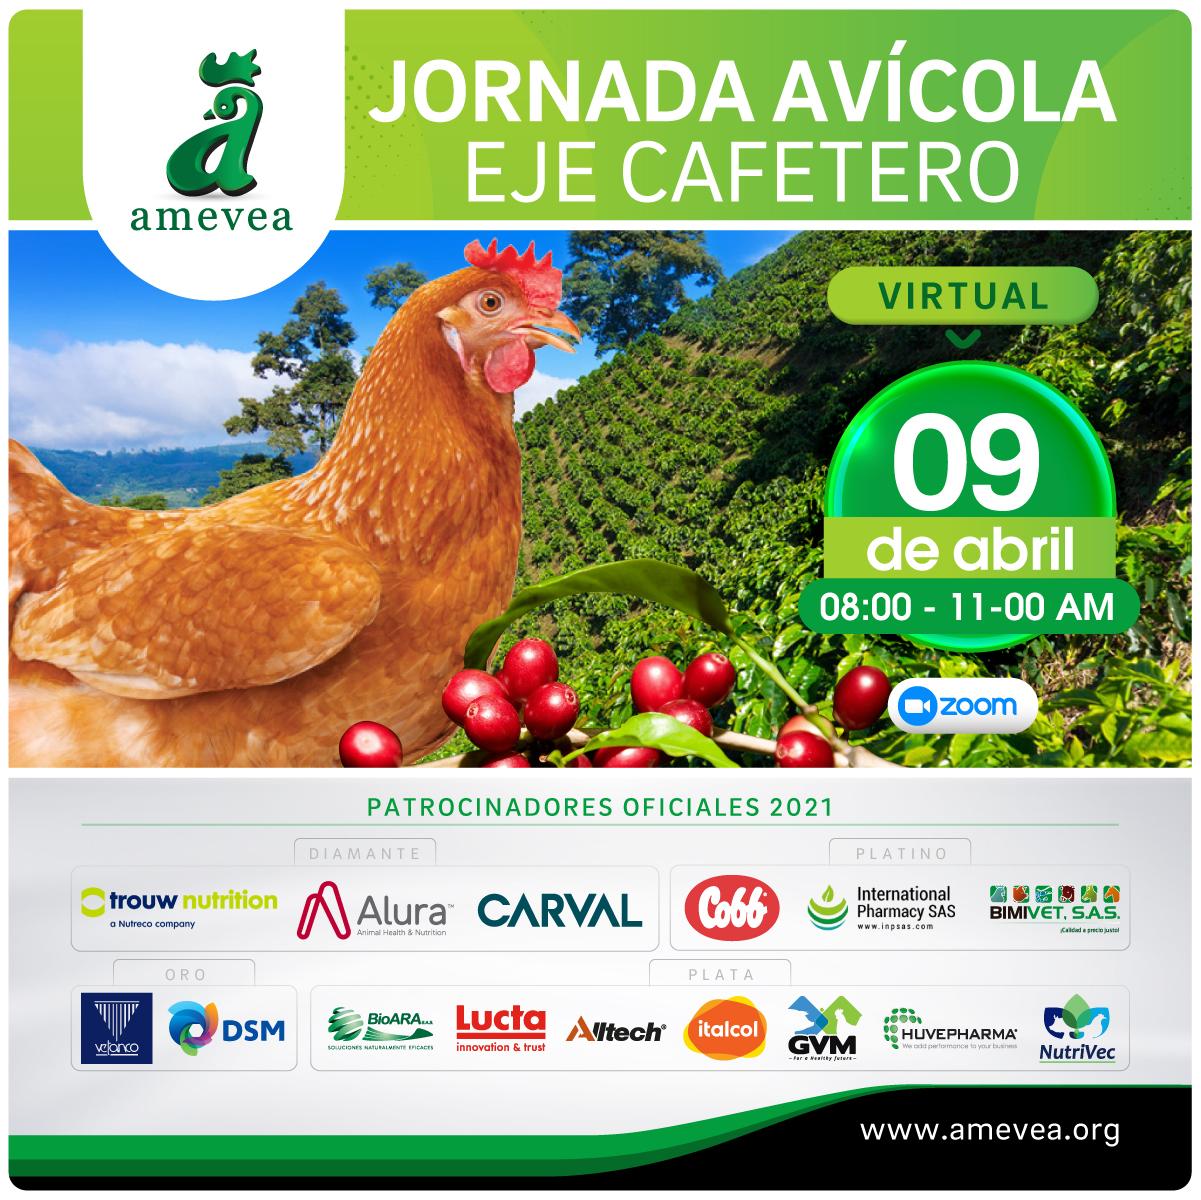 JORNADA-AVICOLA-EJE-CAFETERO-01A